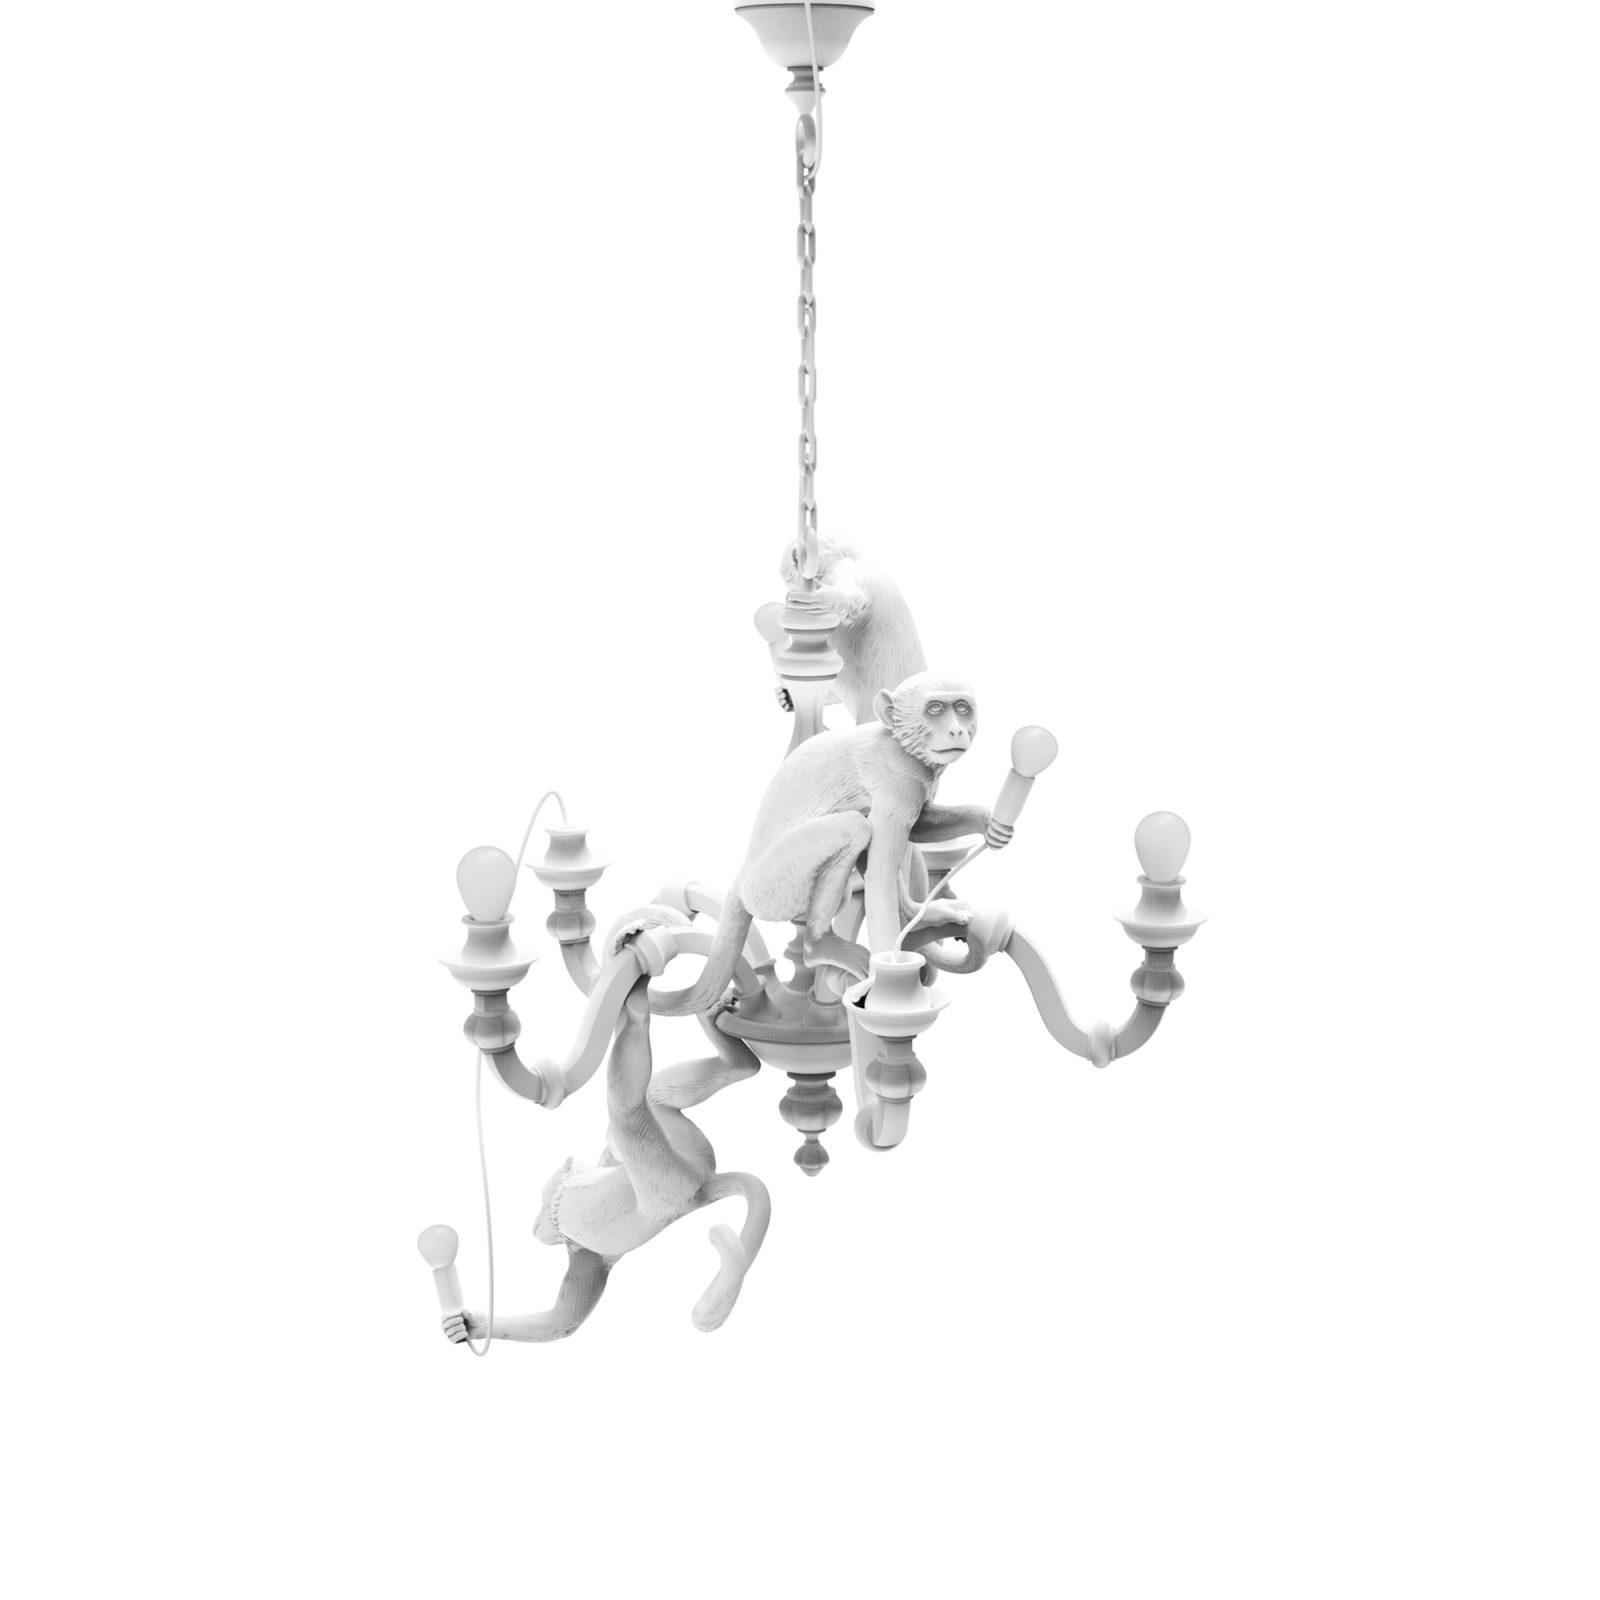 seletti-monkey-chandelier-white-9